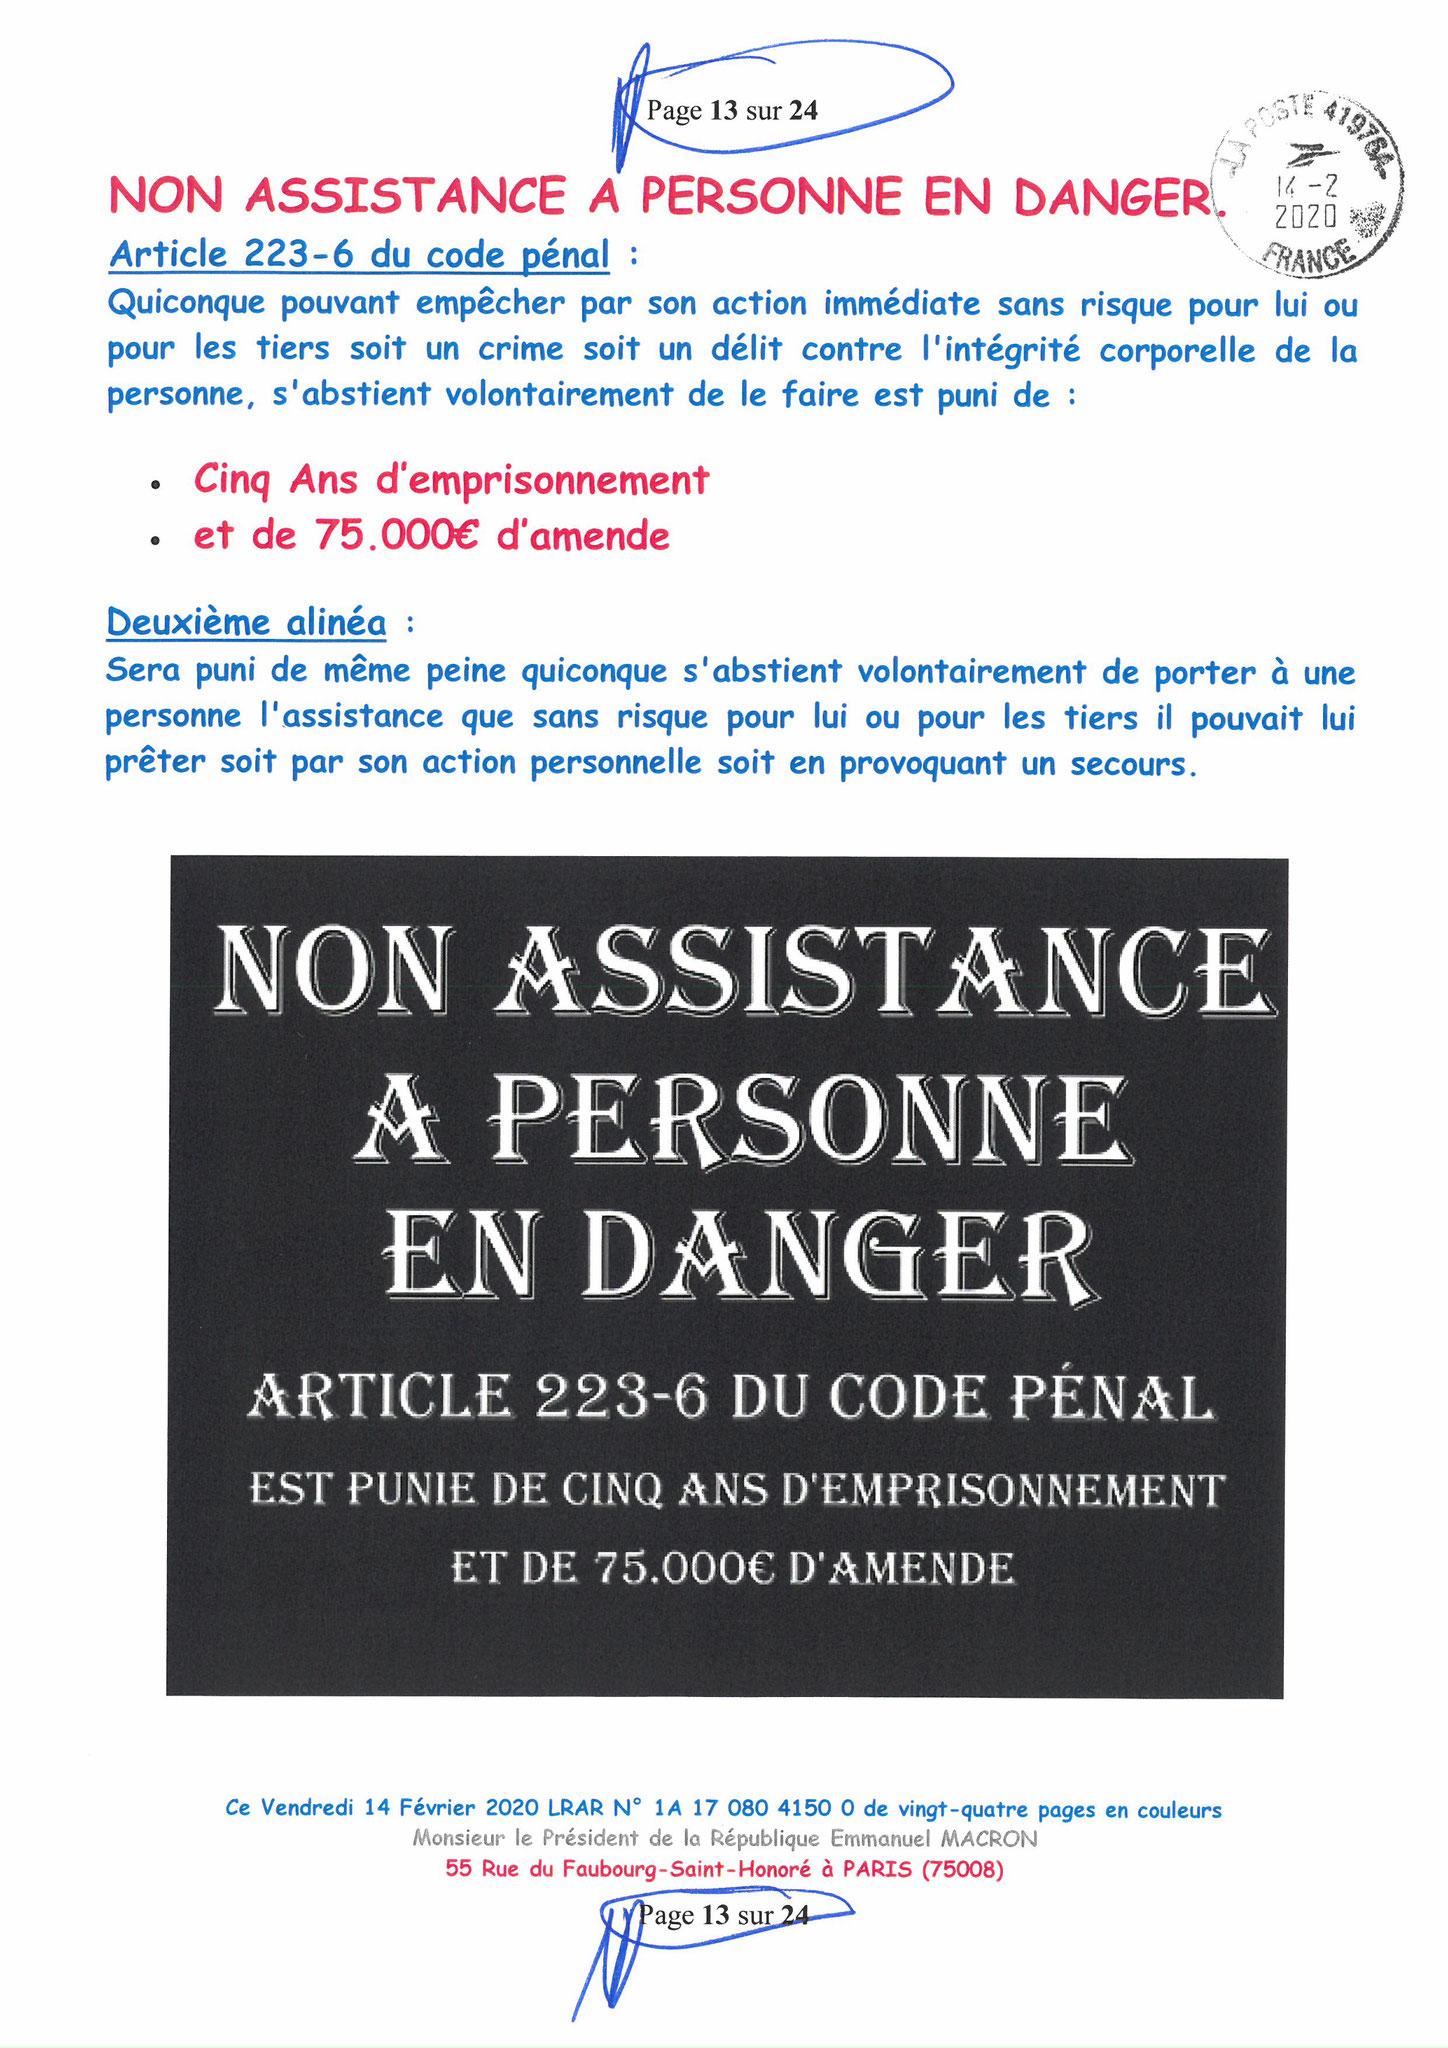 Ma lettre recommandée du 14 Février 2020 N° 1A 178 082 4150 0  page 13 sur 24 en couleur que j'ai adressé à Monsieur Emmanuel MACRON le Président de la République www.jesuispatrick.fr